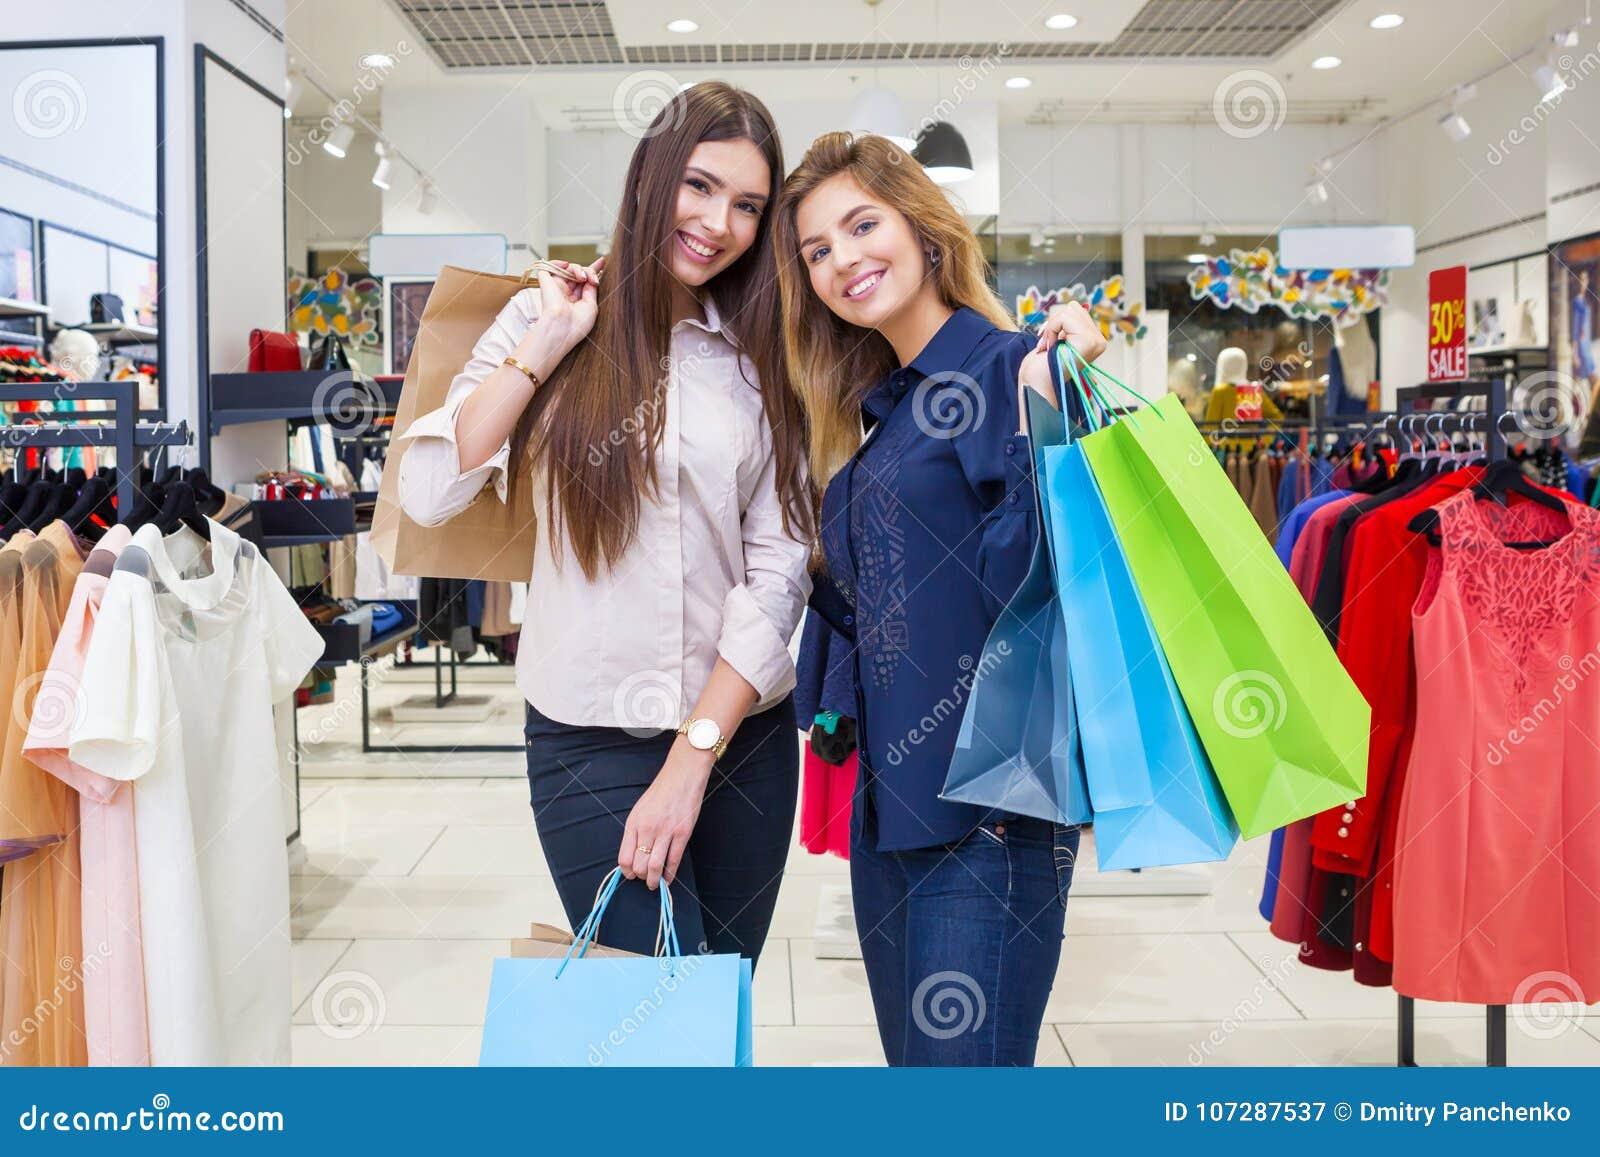 a1d0e19cb59 Shot Of A Beautiful Young Women Going Shopping. Stock Image - Image ...